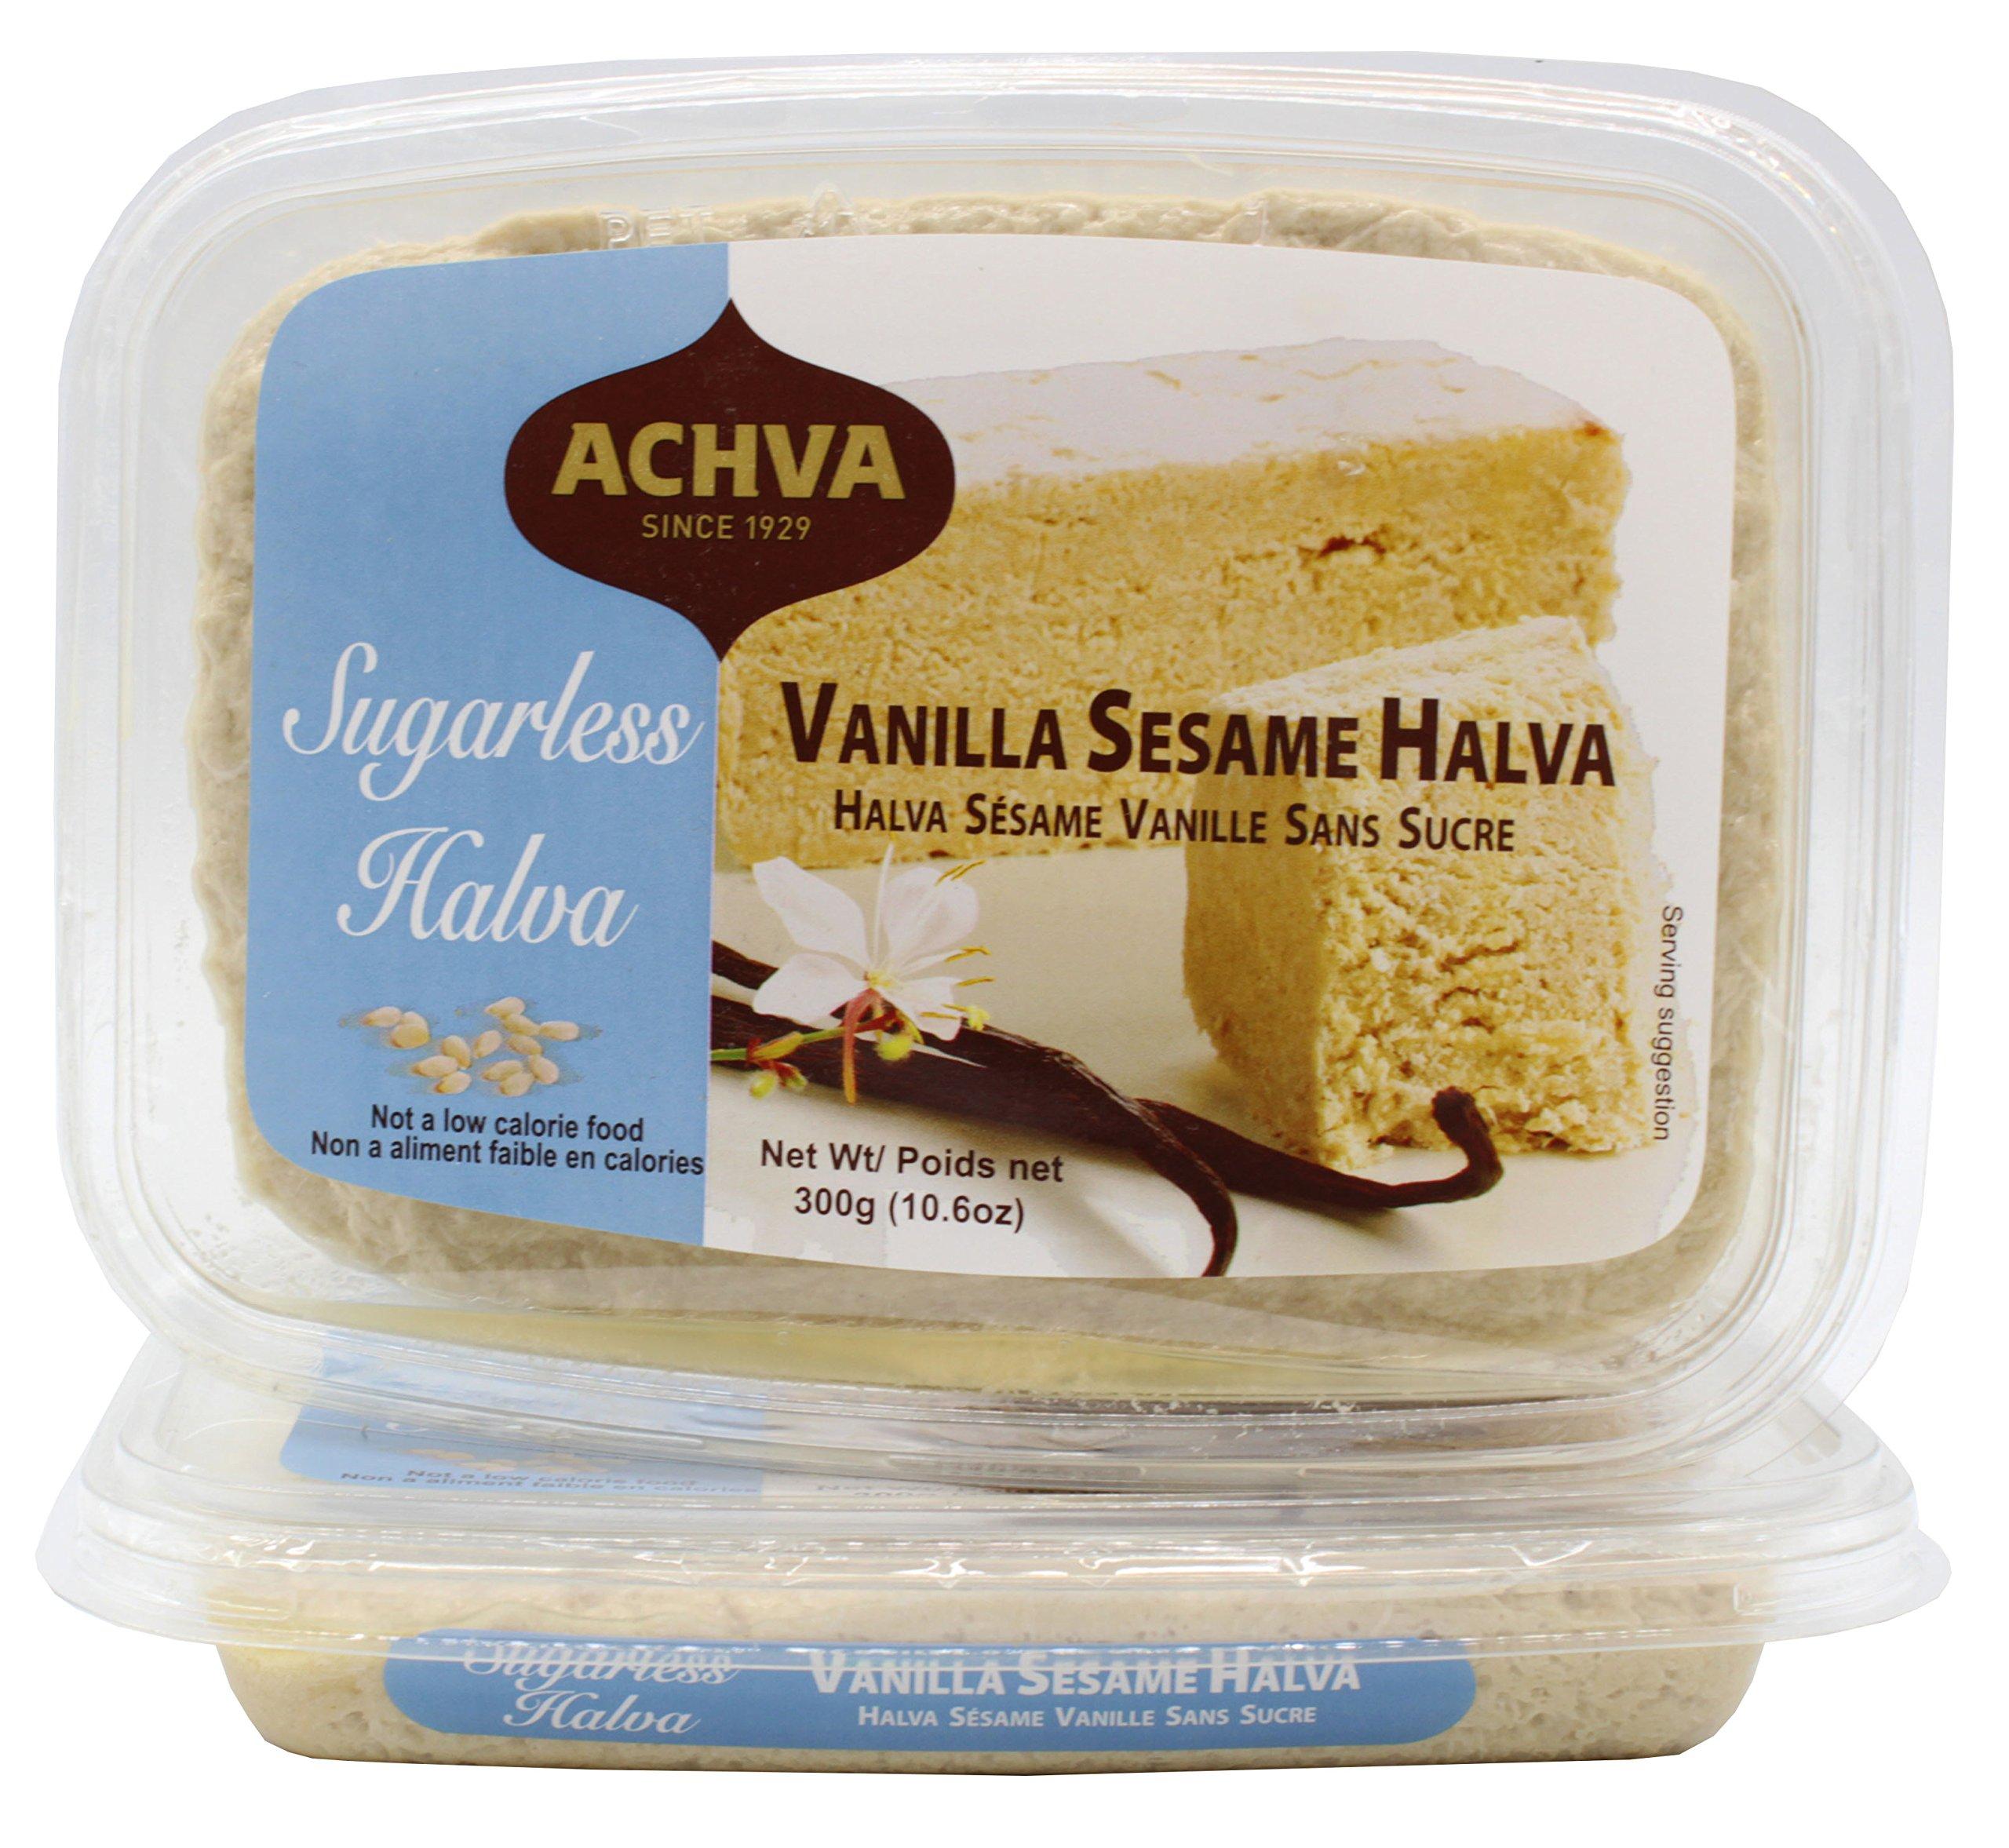 Achva Vanilla Kosher Sugar Free Sesame Halva (Pack of 2)